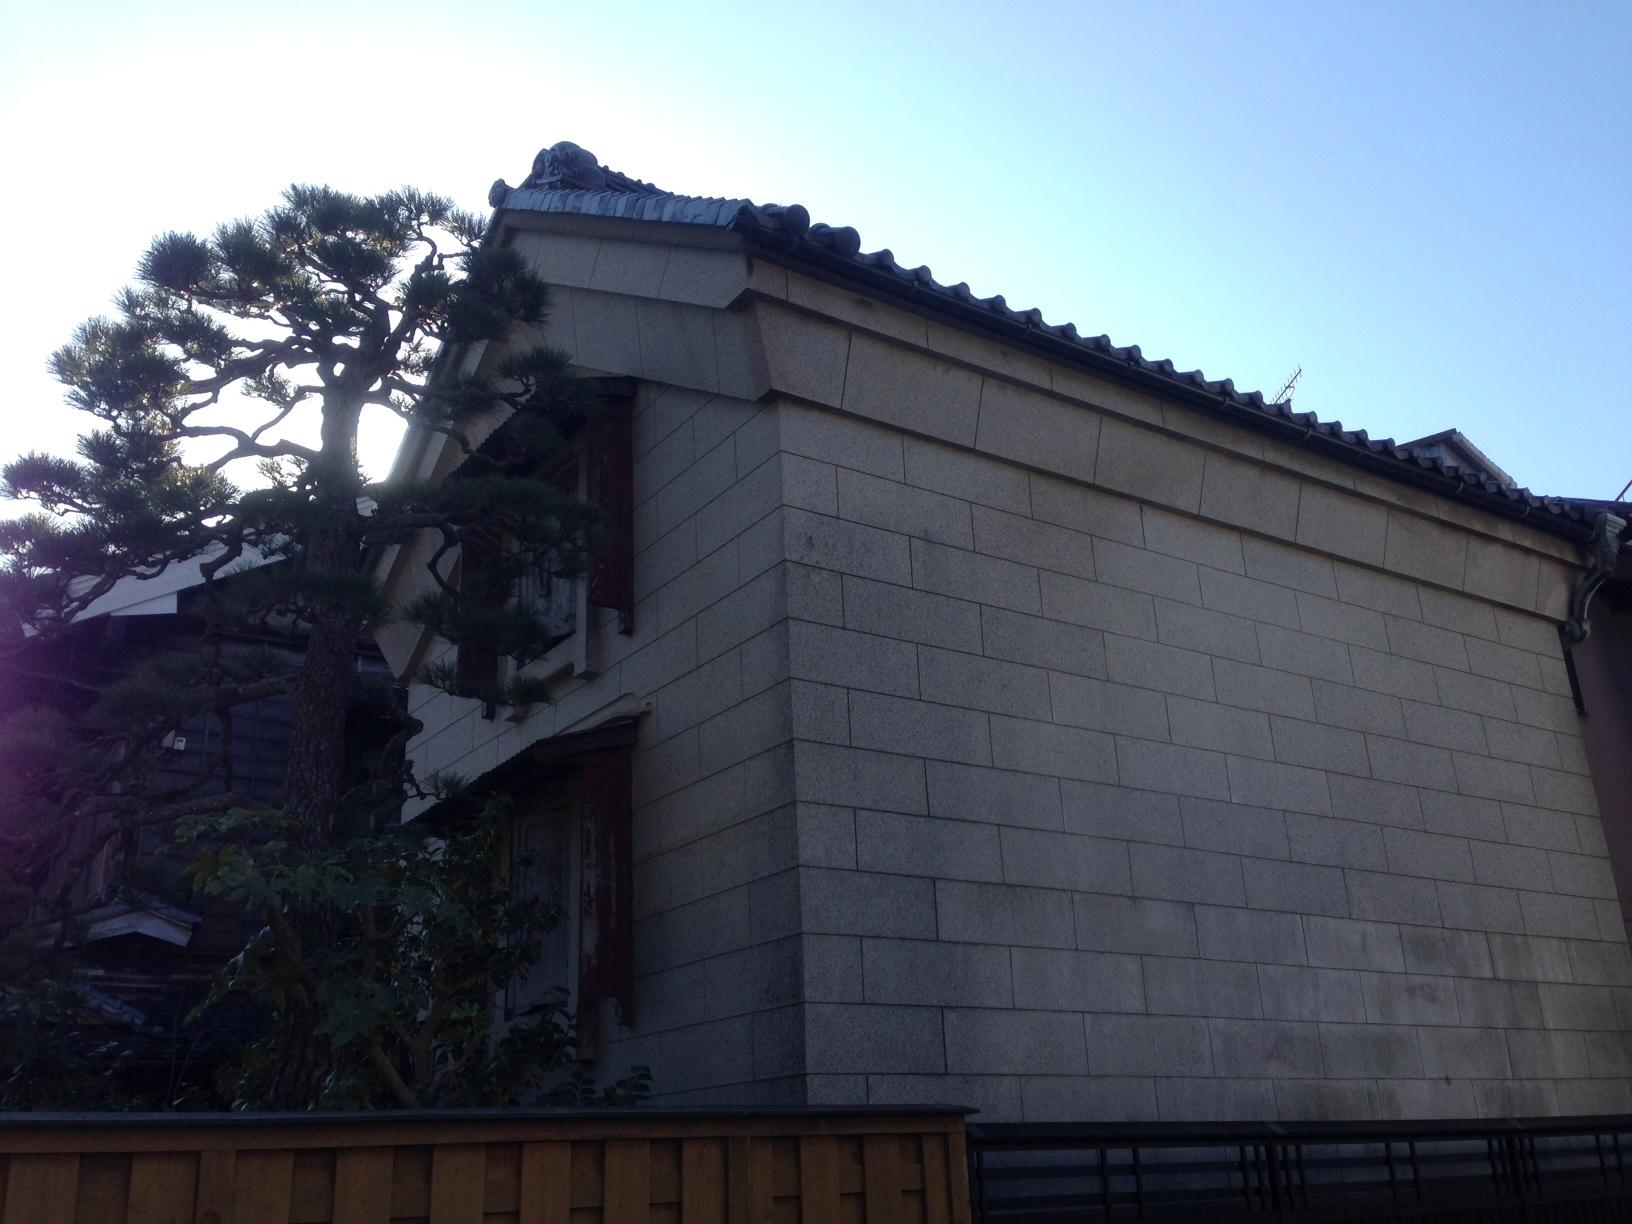 OKABE-9-wall-of-east-side